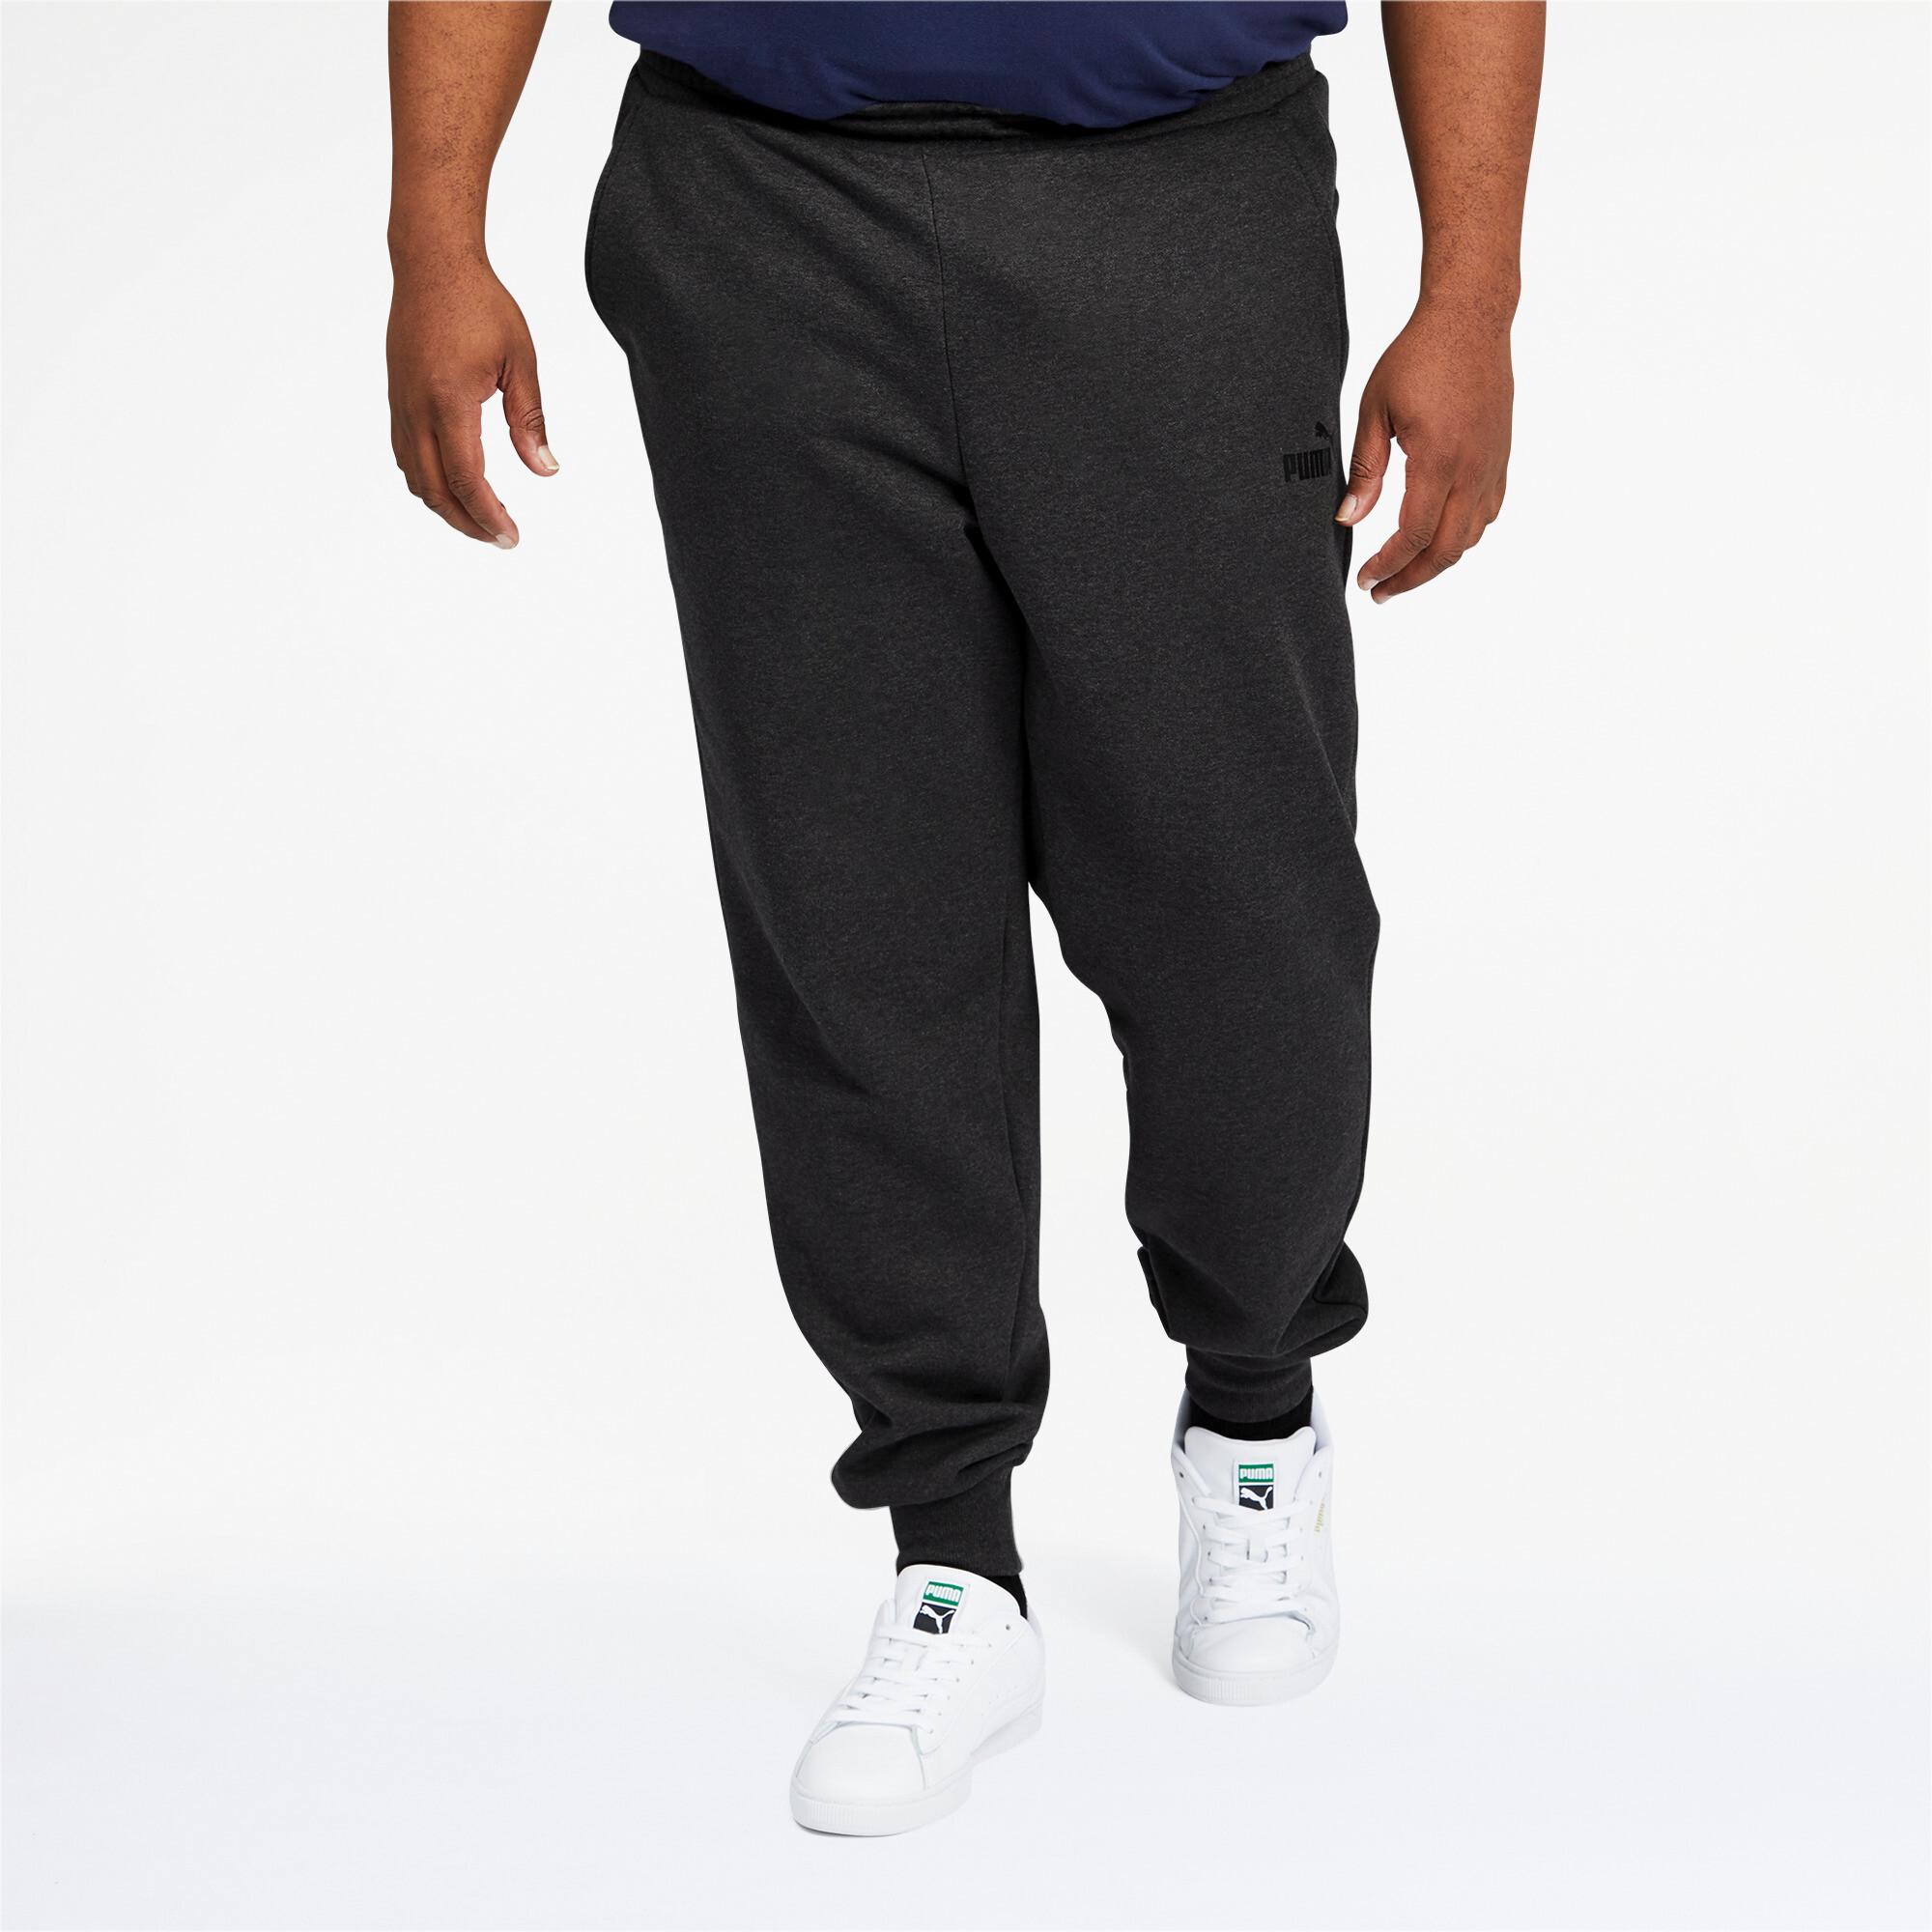 PUMA-Men-039-s-Essentials-Logo-Sweatpants-BT thumbnail 14